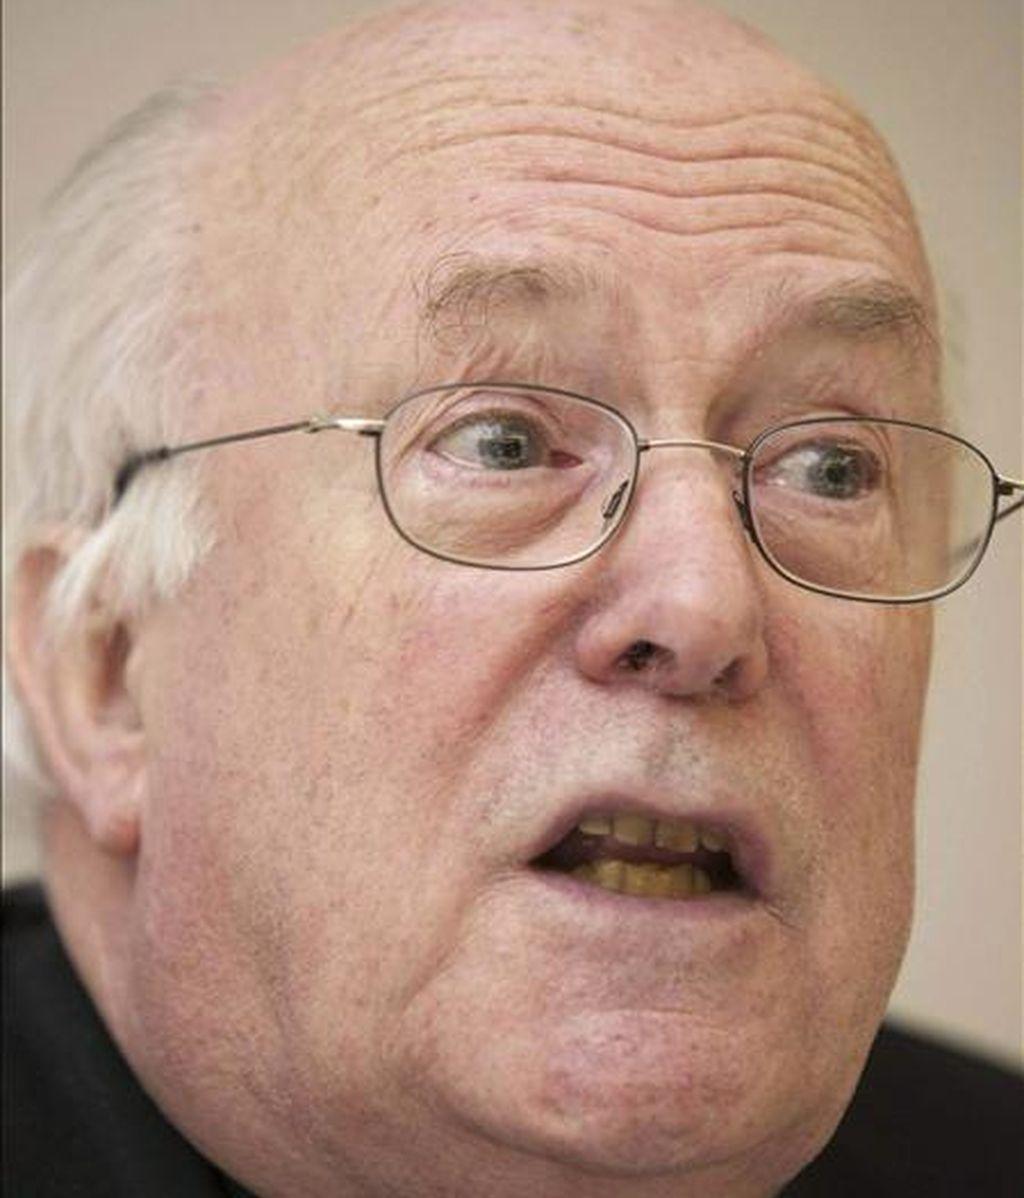 El cardenal de Bruselas, Godfried Danneels, durante la rueda de prensa en la que informó sobre la dimisión del obispo de Brujas (Bélgica), Roger Joseph Vangheluwe, el pasado día 24. EFE/Archivo